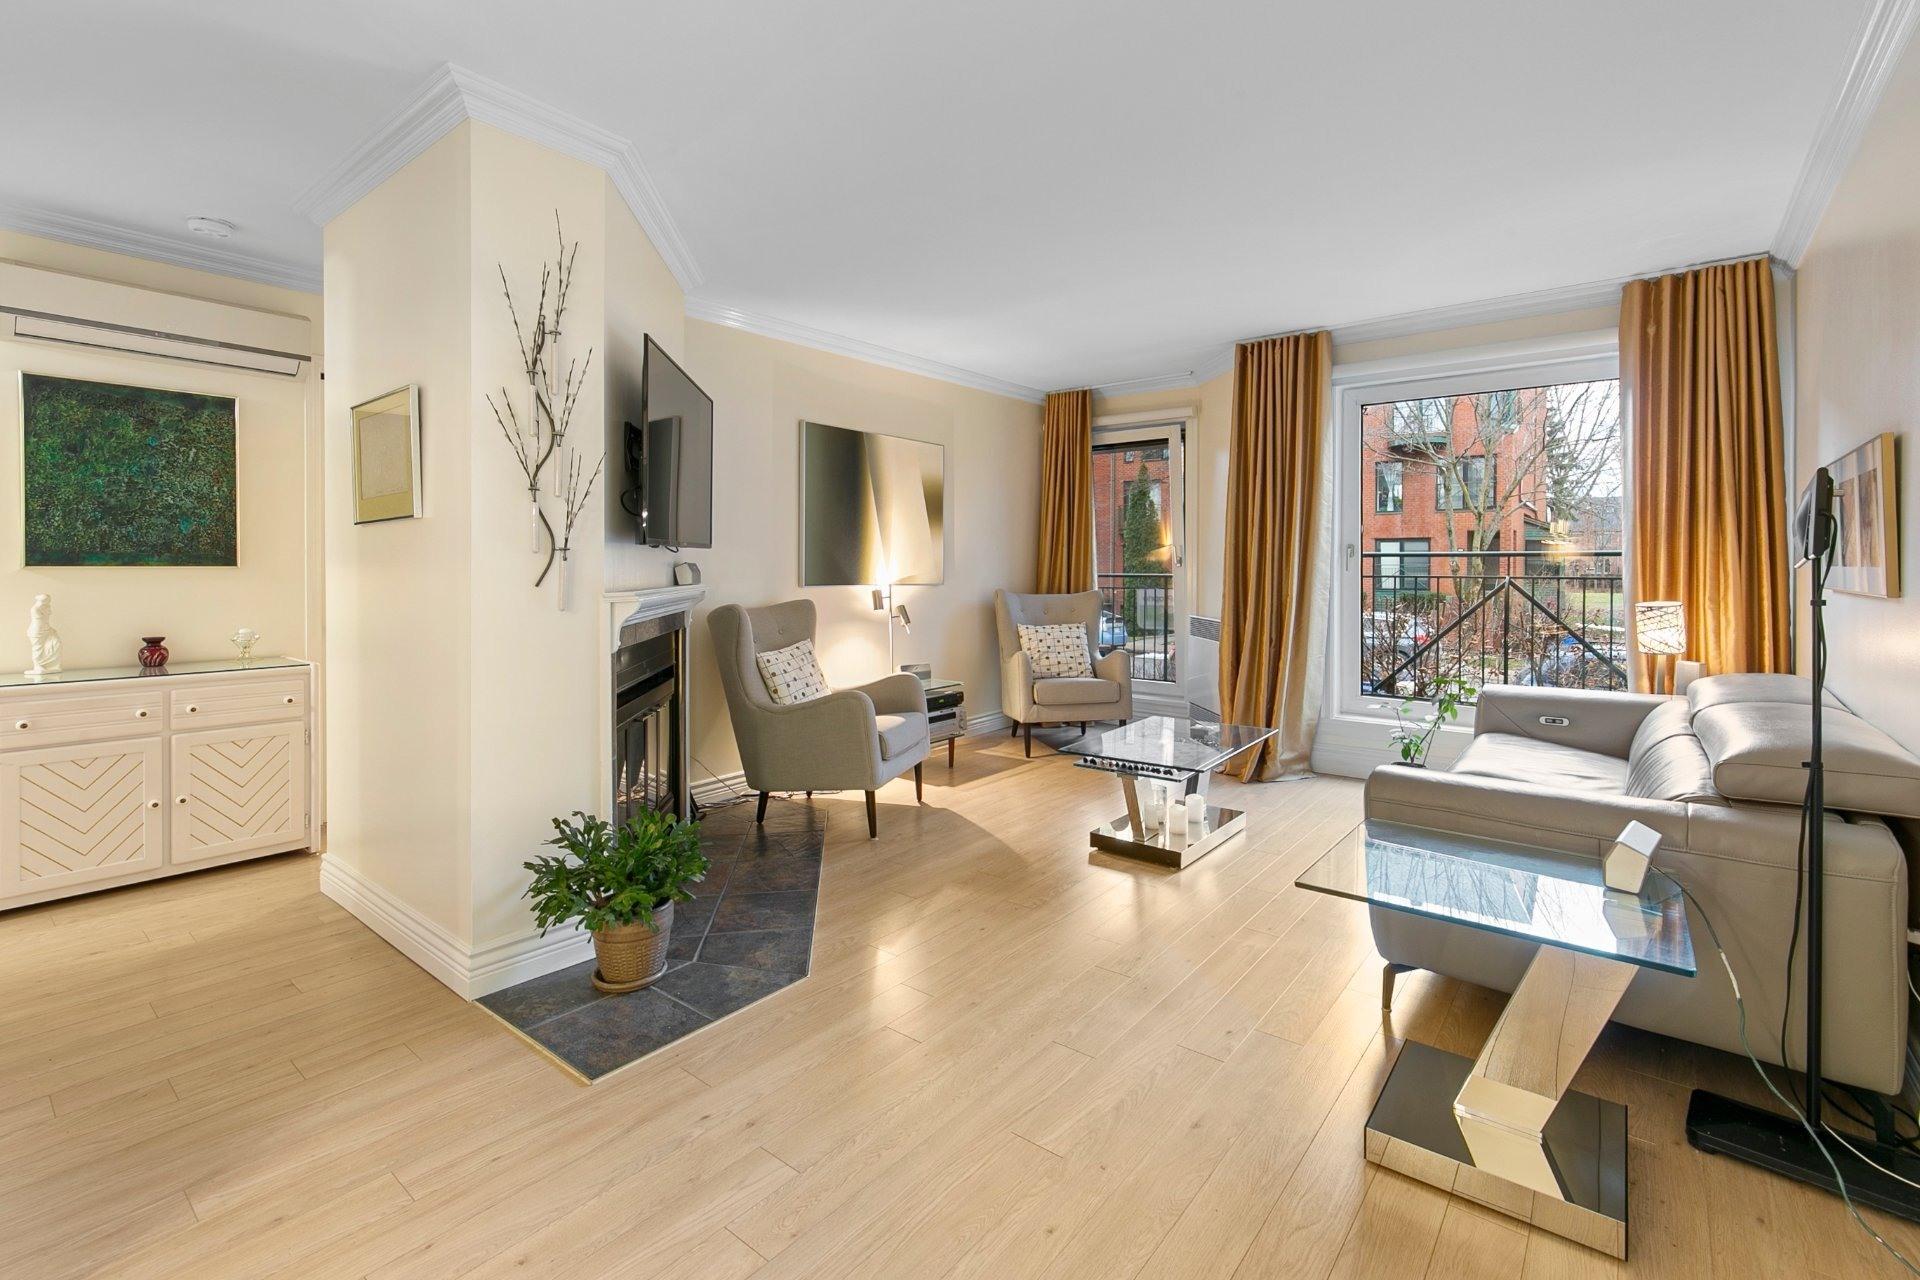 image 2 - Appartement À vendre Verdun/Île-des-Soeurs Montréal  - 6 pièces